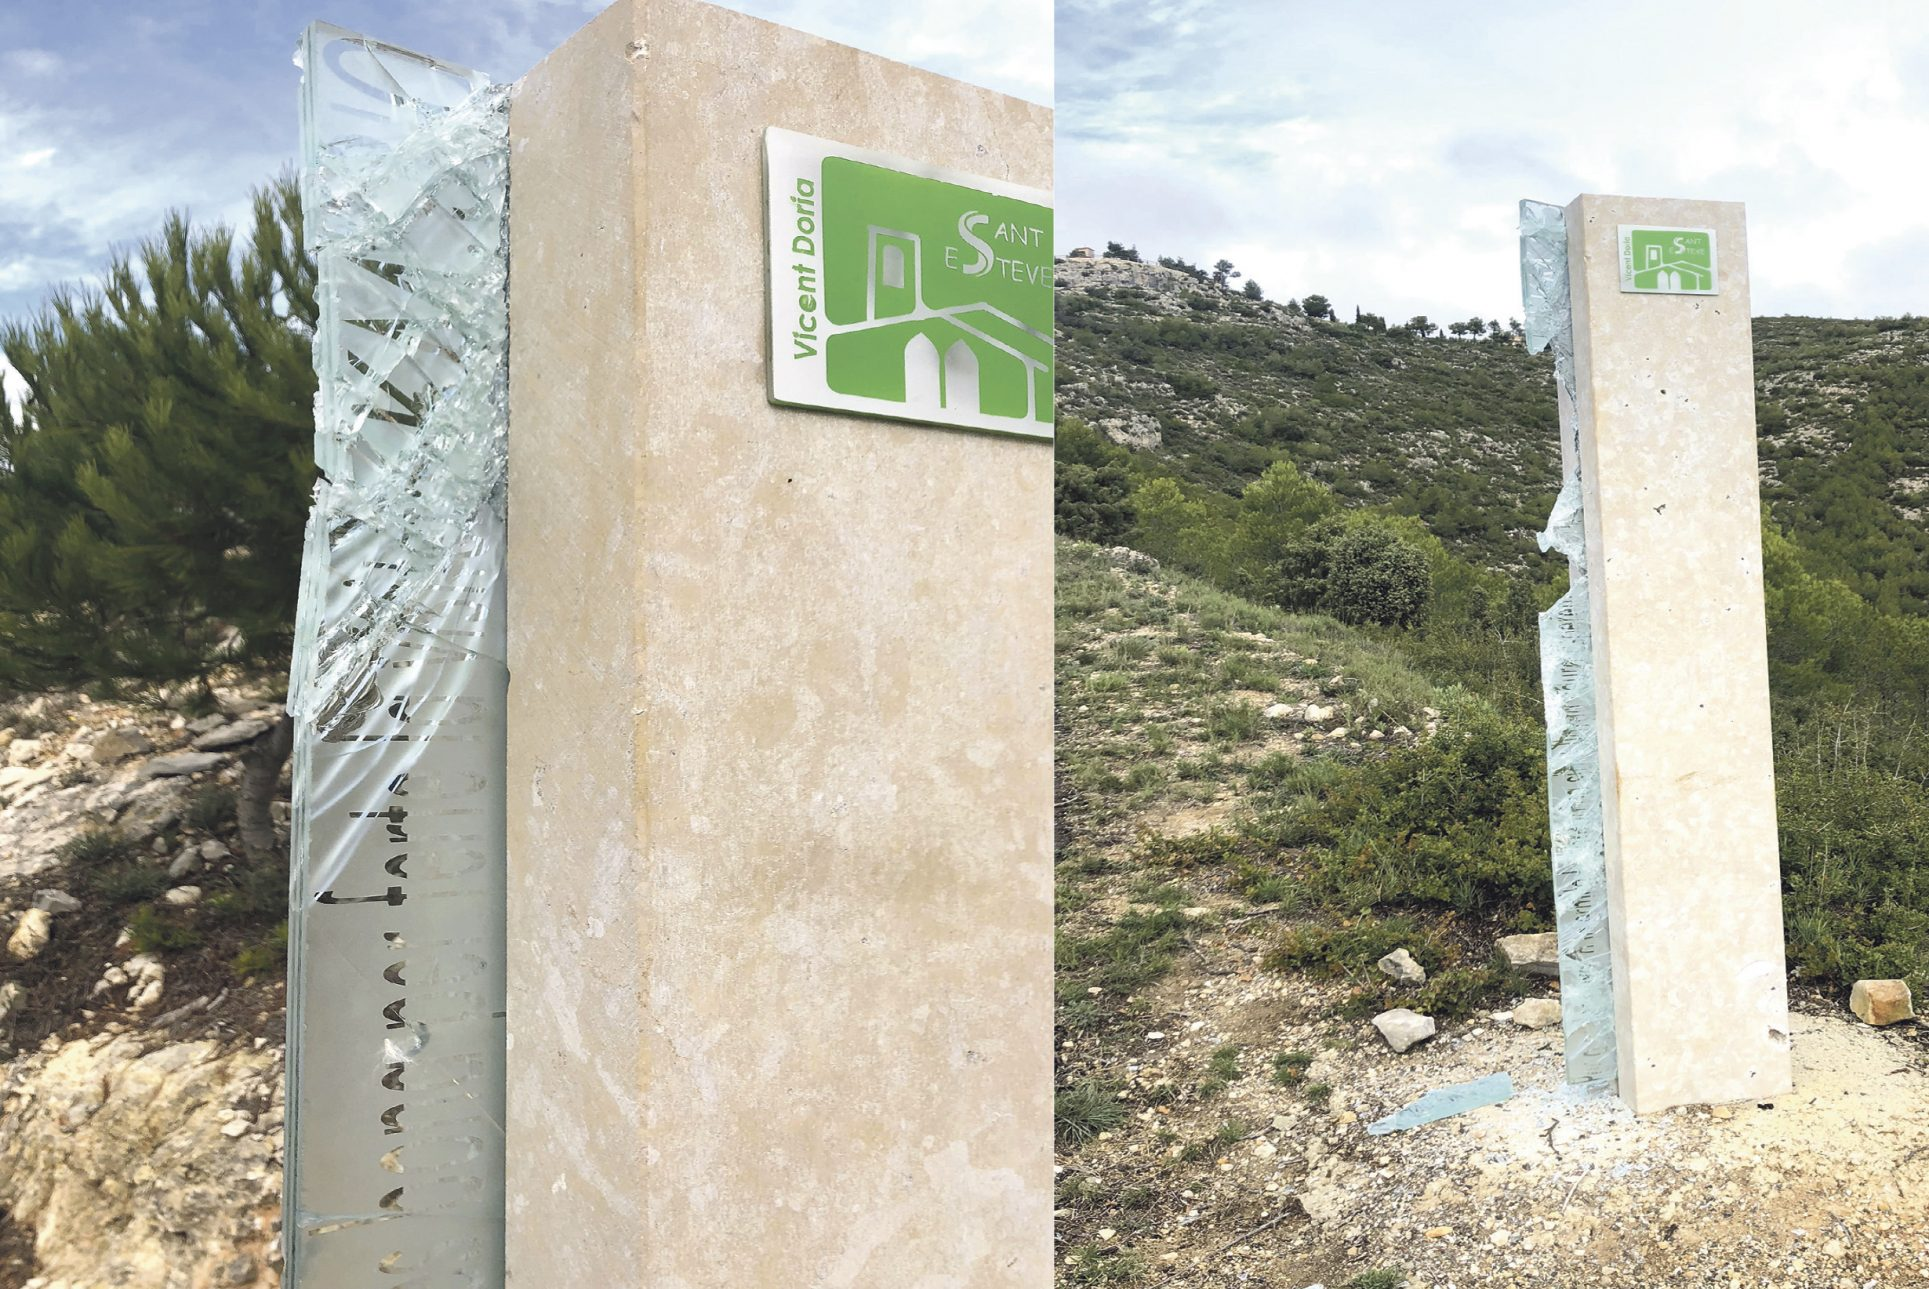 El vandalisme s'acarnissa amb els monòlits de Sant Esteve El Periòdic d'Ontinyent